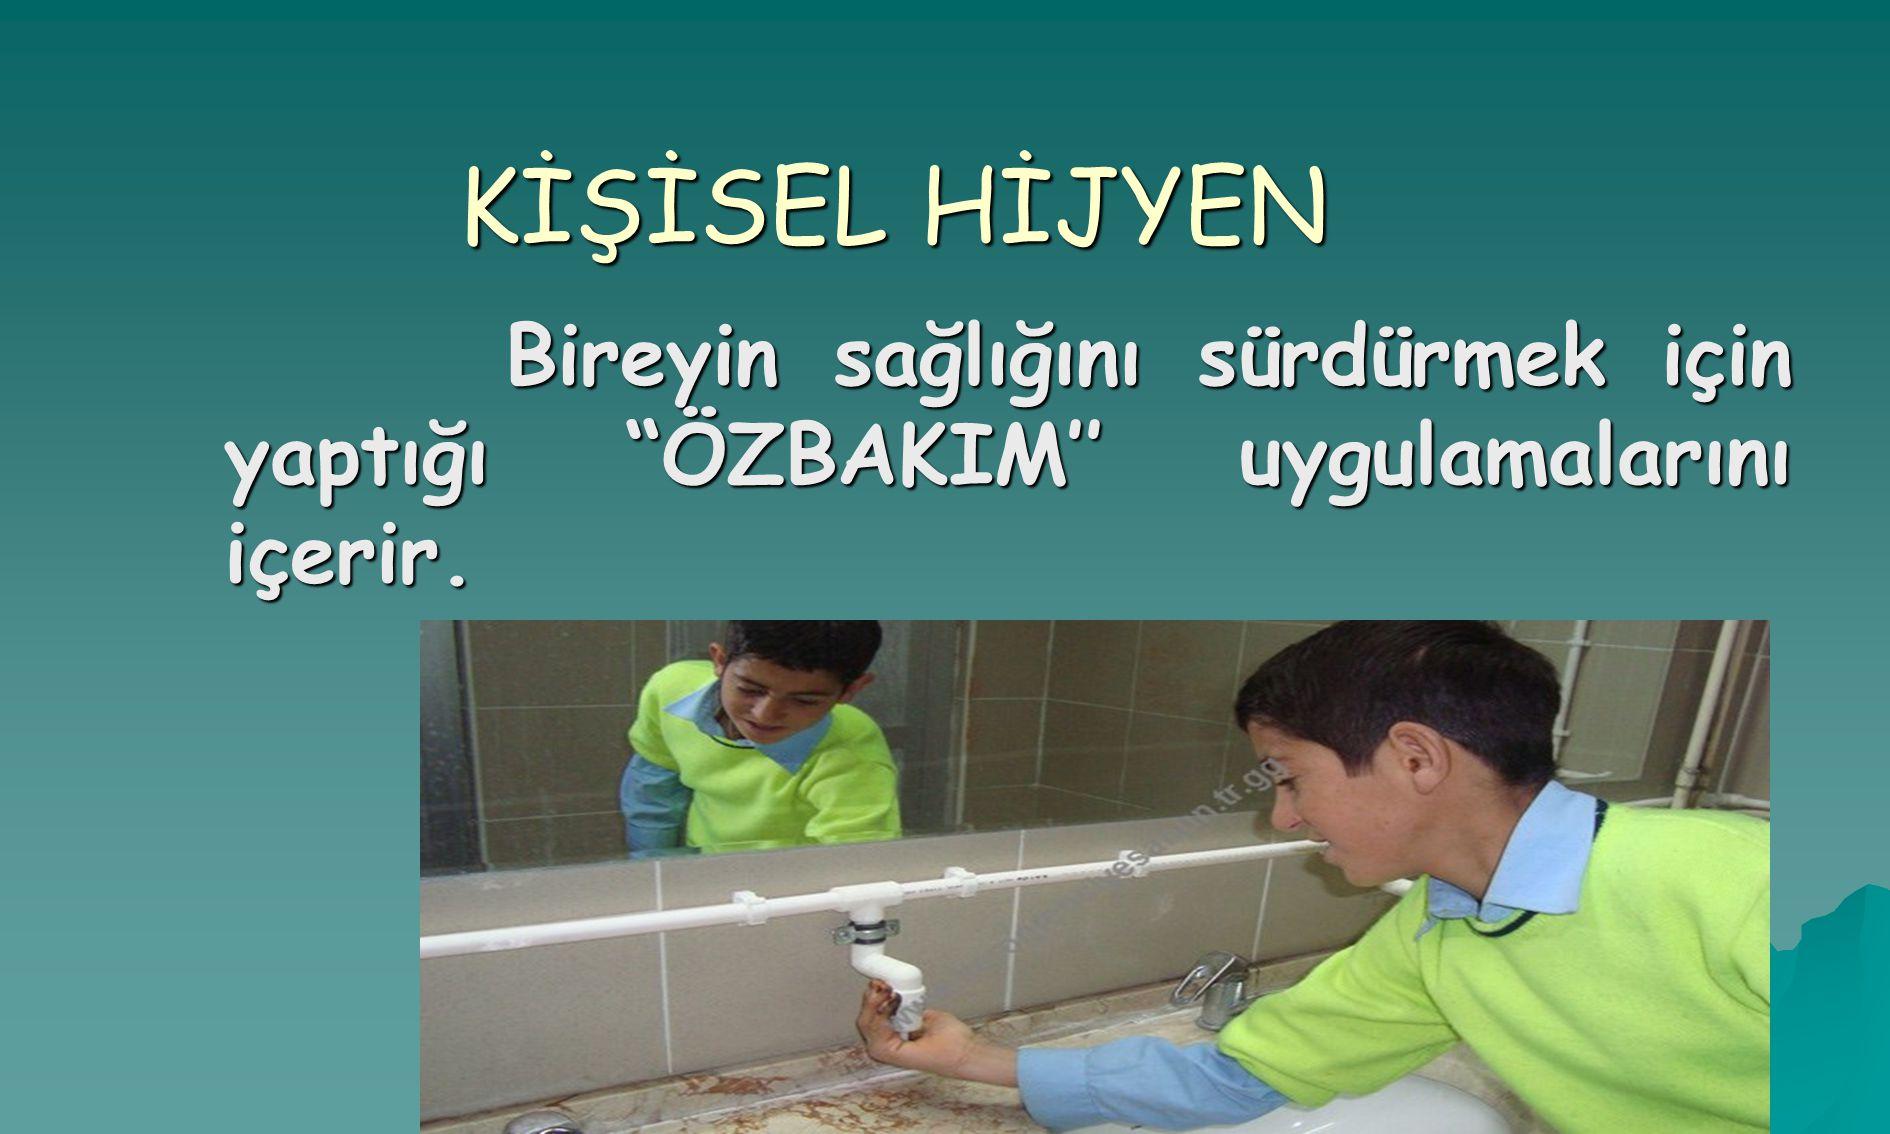 www.herogrenciyesabun.tr.gg Kişisel Hijyen Konusu İçinde; Kişisel Hijyen Konusu İçinde;  Vücut Bakımı Ve Temizliği,  Yüz-boyun Temizliği,  El Temizliği,  Ayak Temizliği,  Kulak Temizliği,  Saçların Temizliği,  Ağız- Diş Bakımı,  Beslenme,  Tuvalet Alışkanlığı Ve Temizliği  Giyim Konuları yer almaktadır.